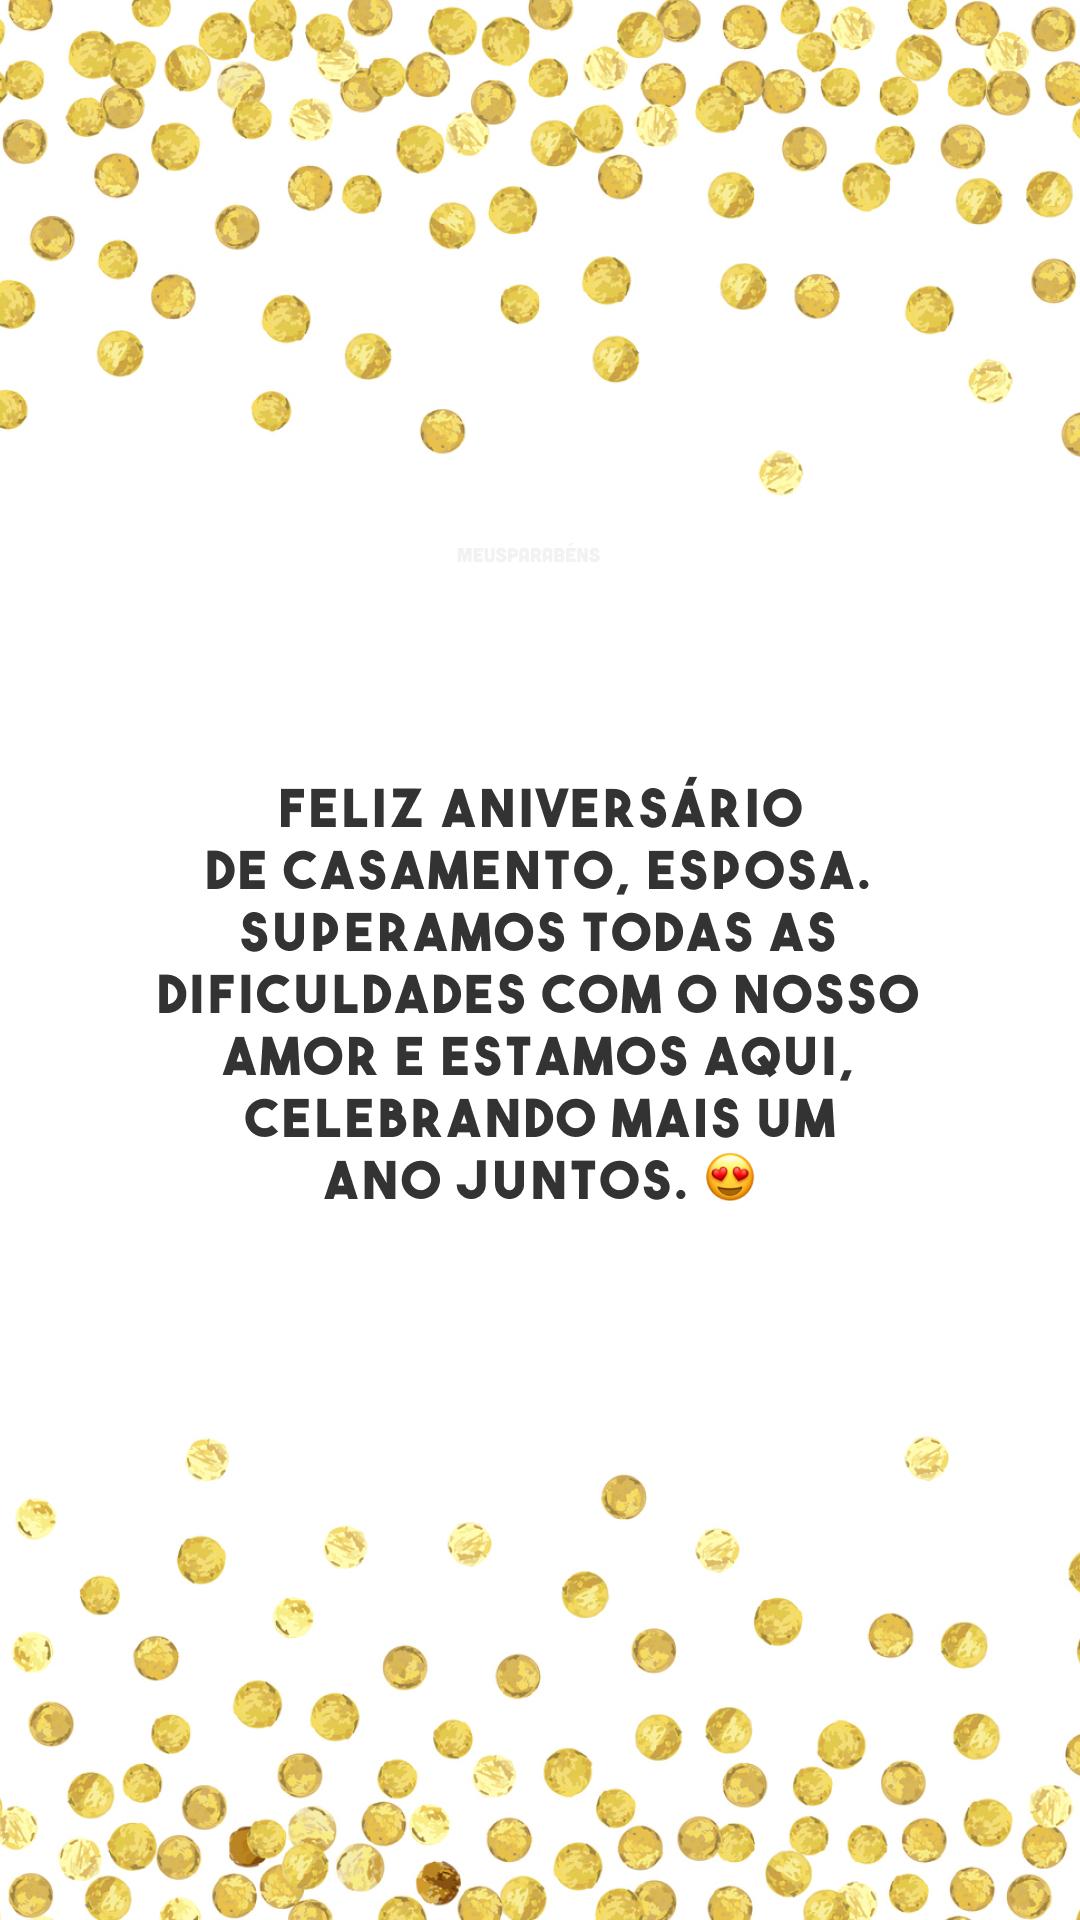 Feliz aniversário de casamento, esposa. Superamos todas as dificuldades com o nosso amor e estamos aqui, celebrando mais um ano juntos. 😍